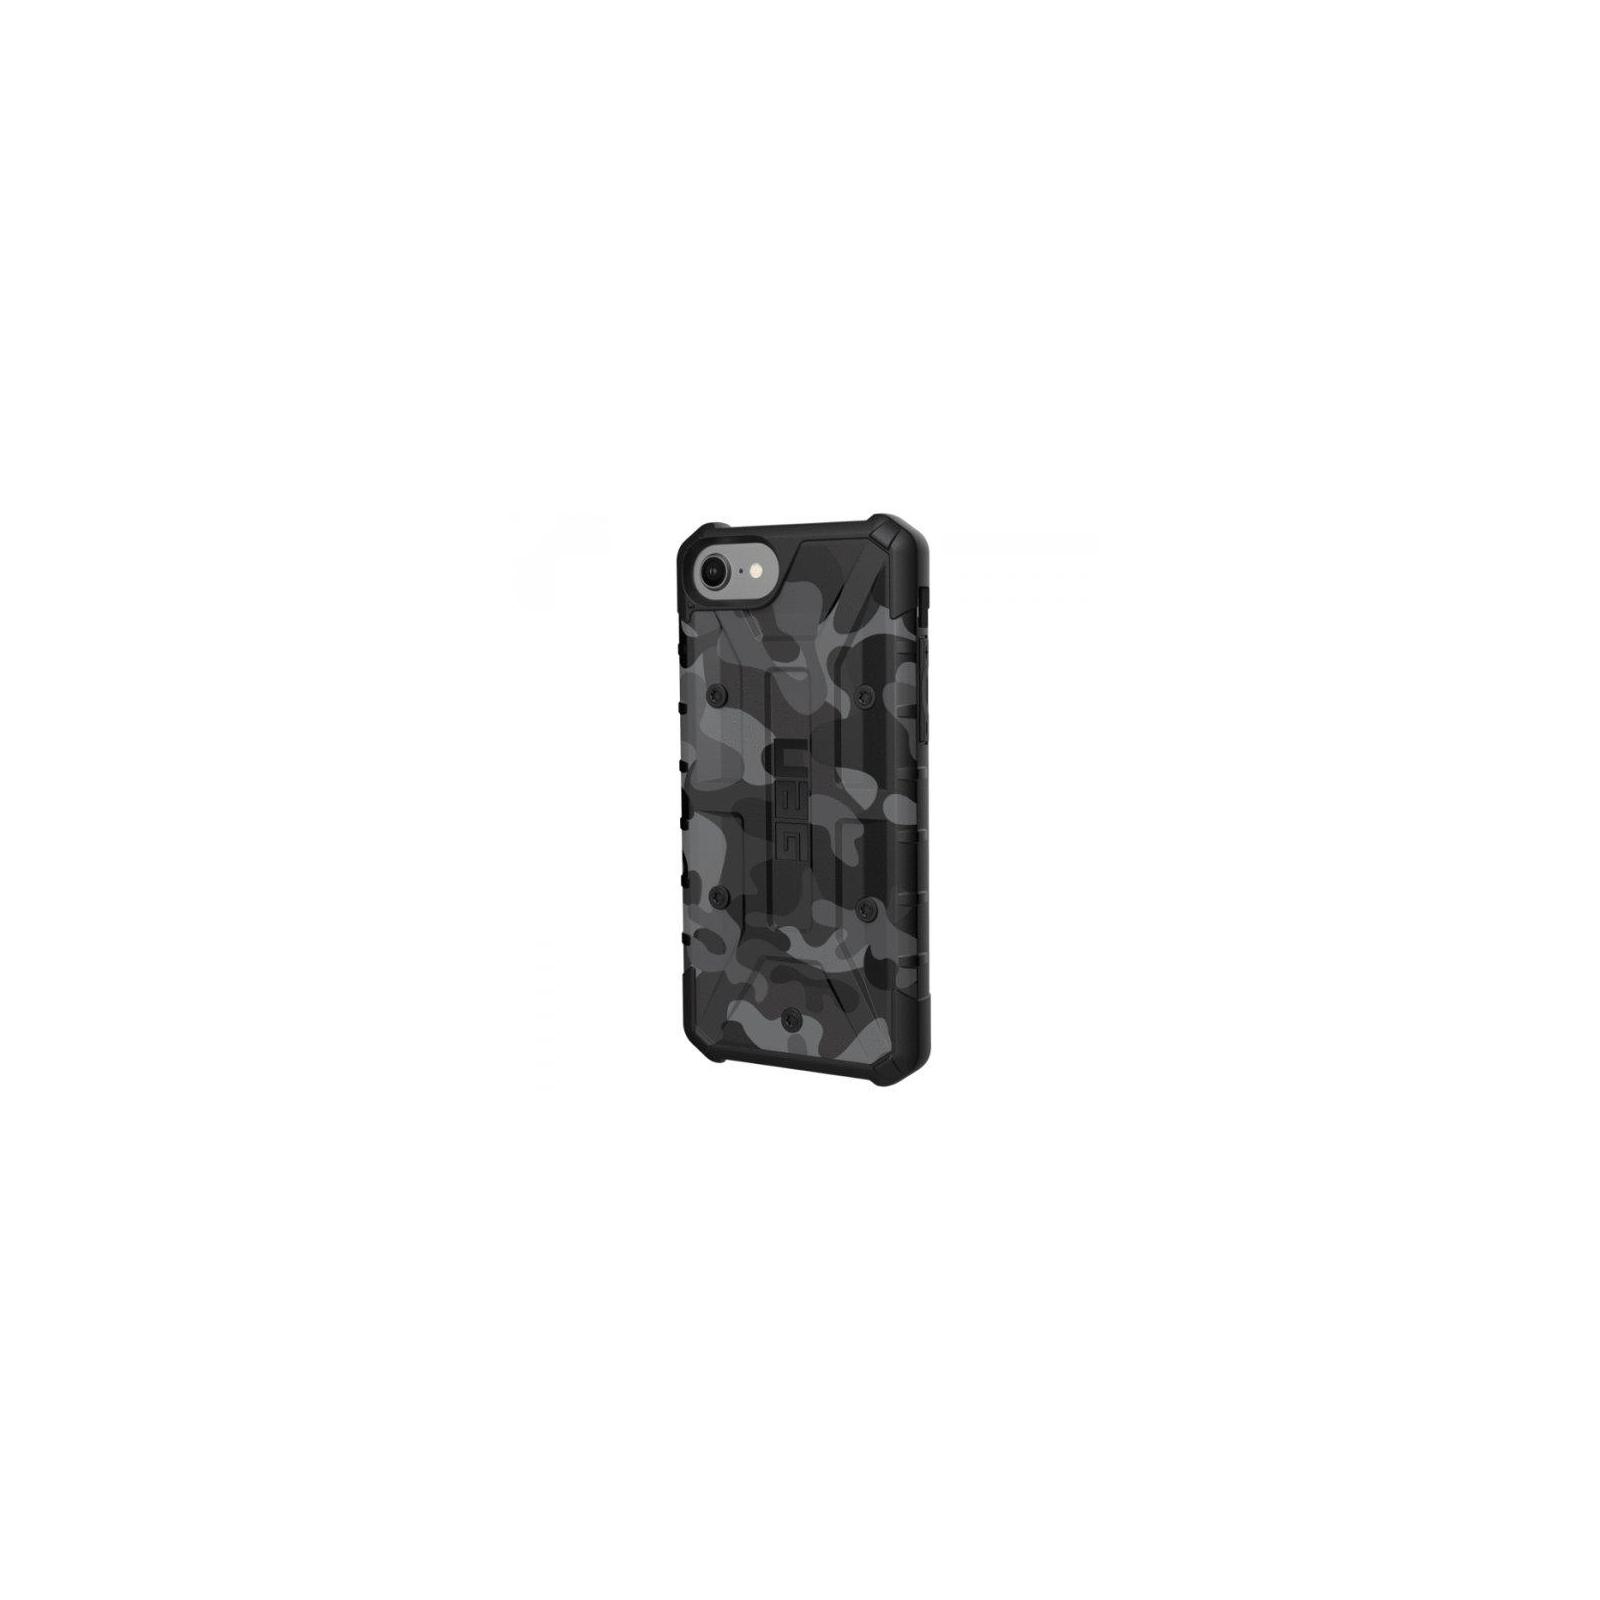 Чехол для моб. телефона UAG iPhone 8/7/6S/6 Pathfinder Camo Gray/Black (IPH8/7-A-BC) изображение 2